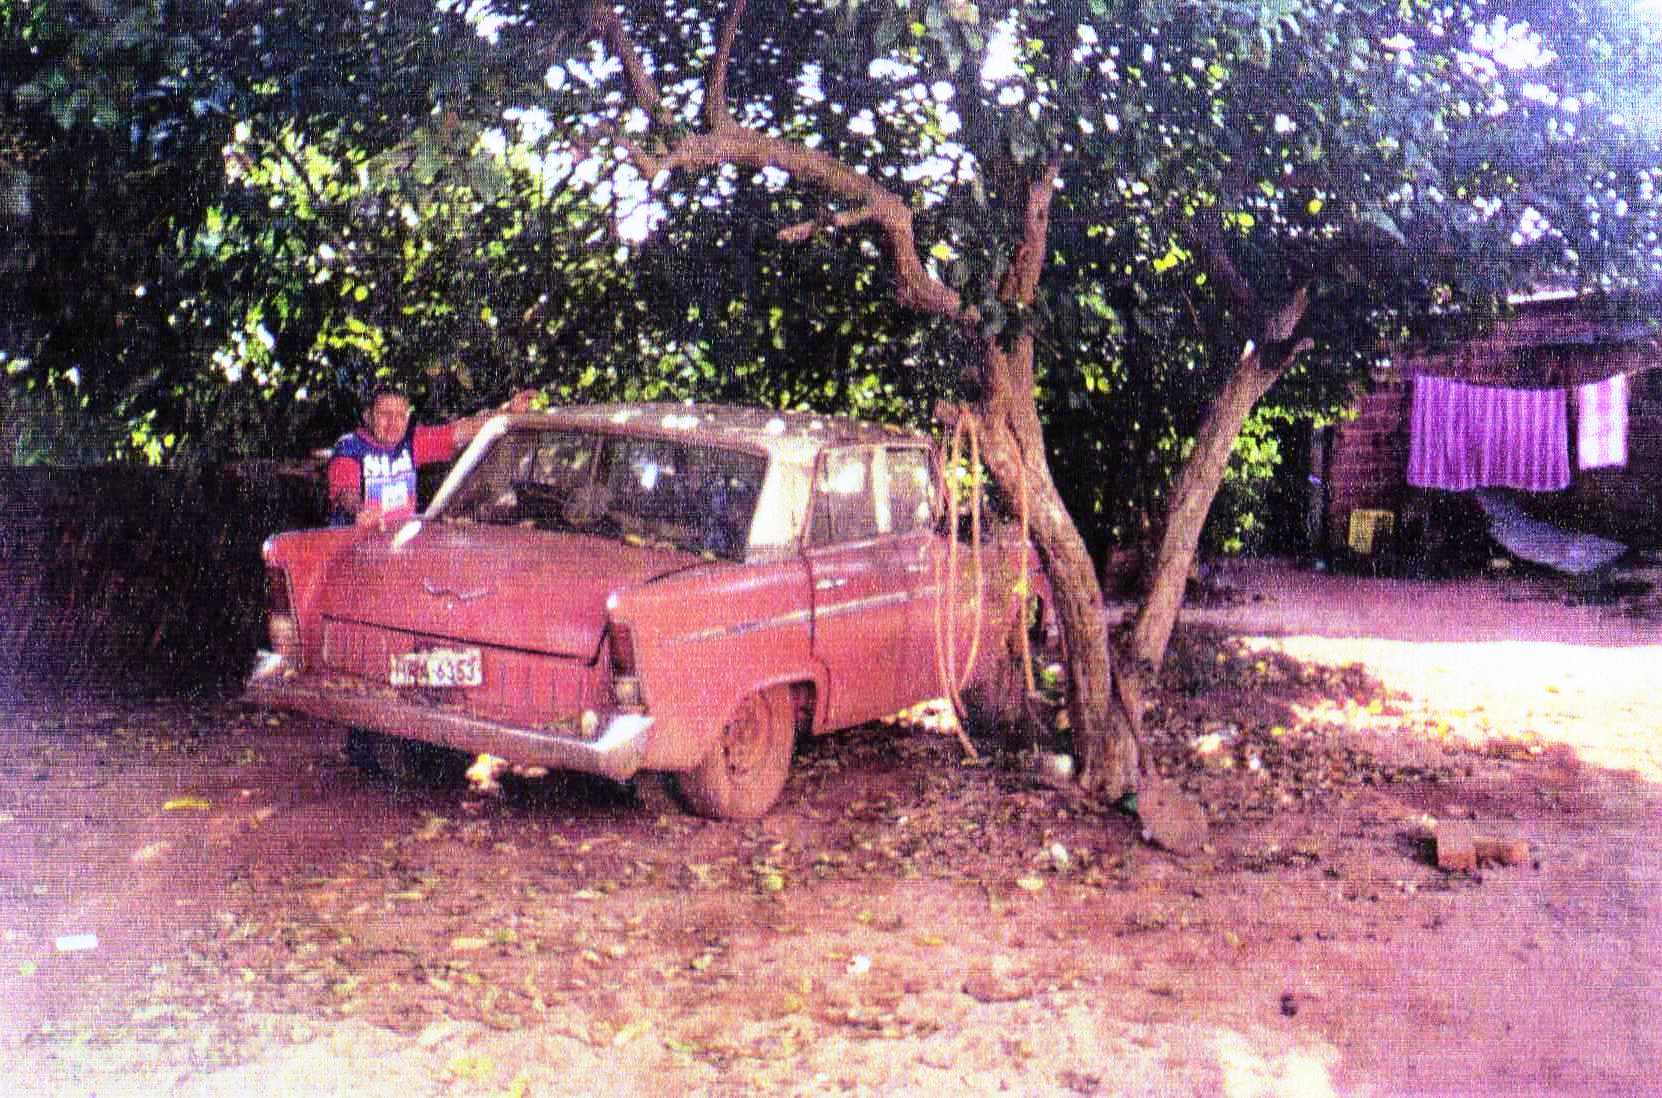 uReinaldo-Aero-Willys-zona-rural-do-Mato-Grosso-do-Sul Aero Willys